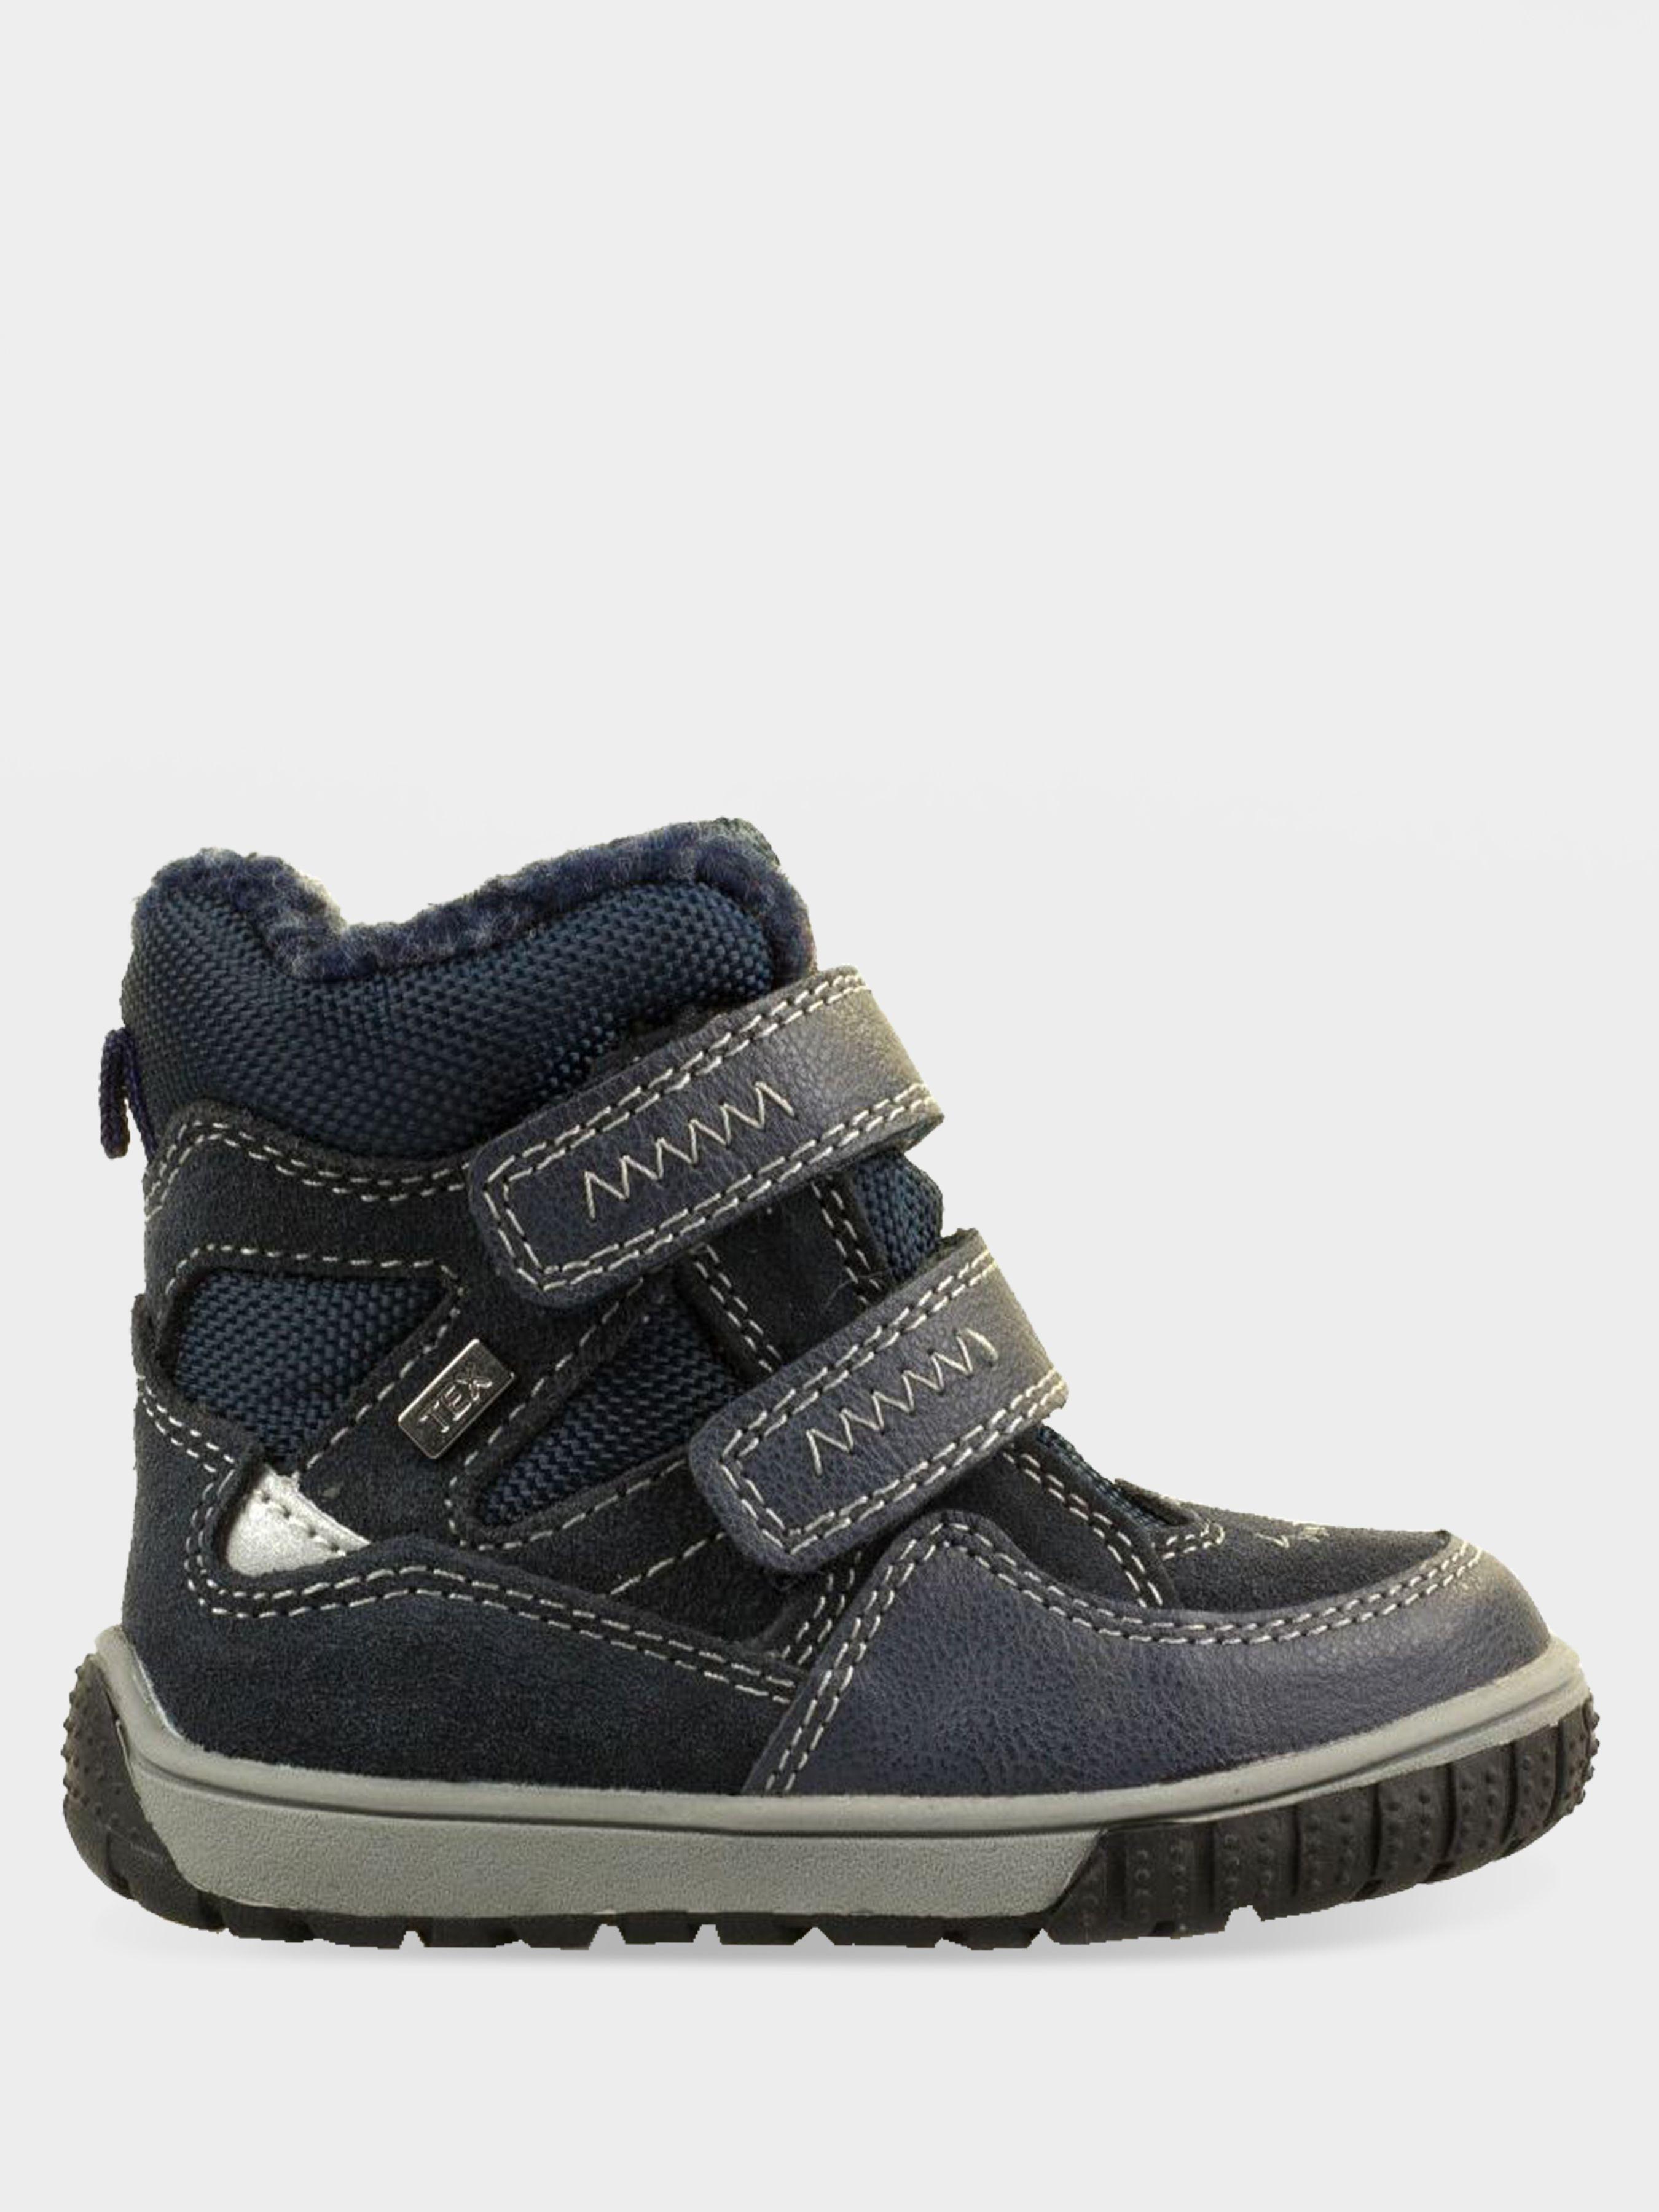 Сапоги детские Lurchi ZT192 цена обуви, 2017